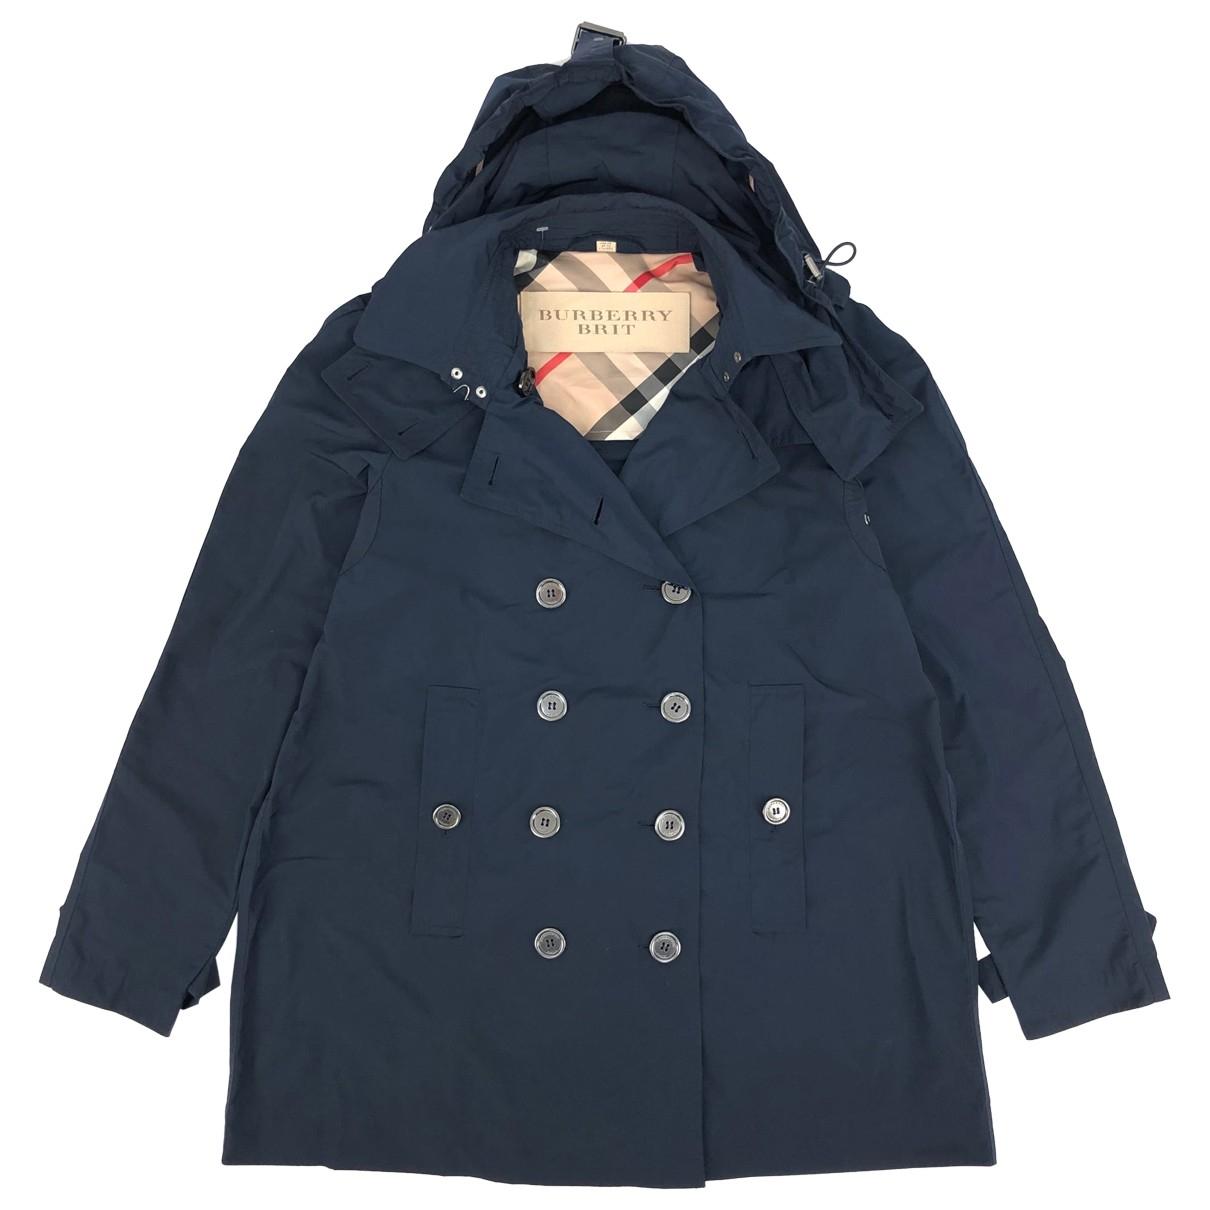 Burberry \N Navy coat for Women M International